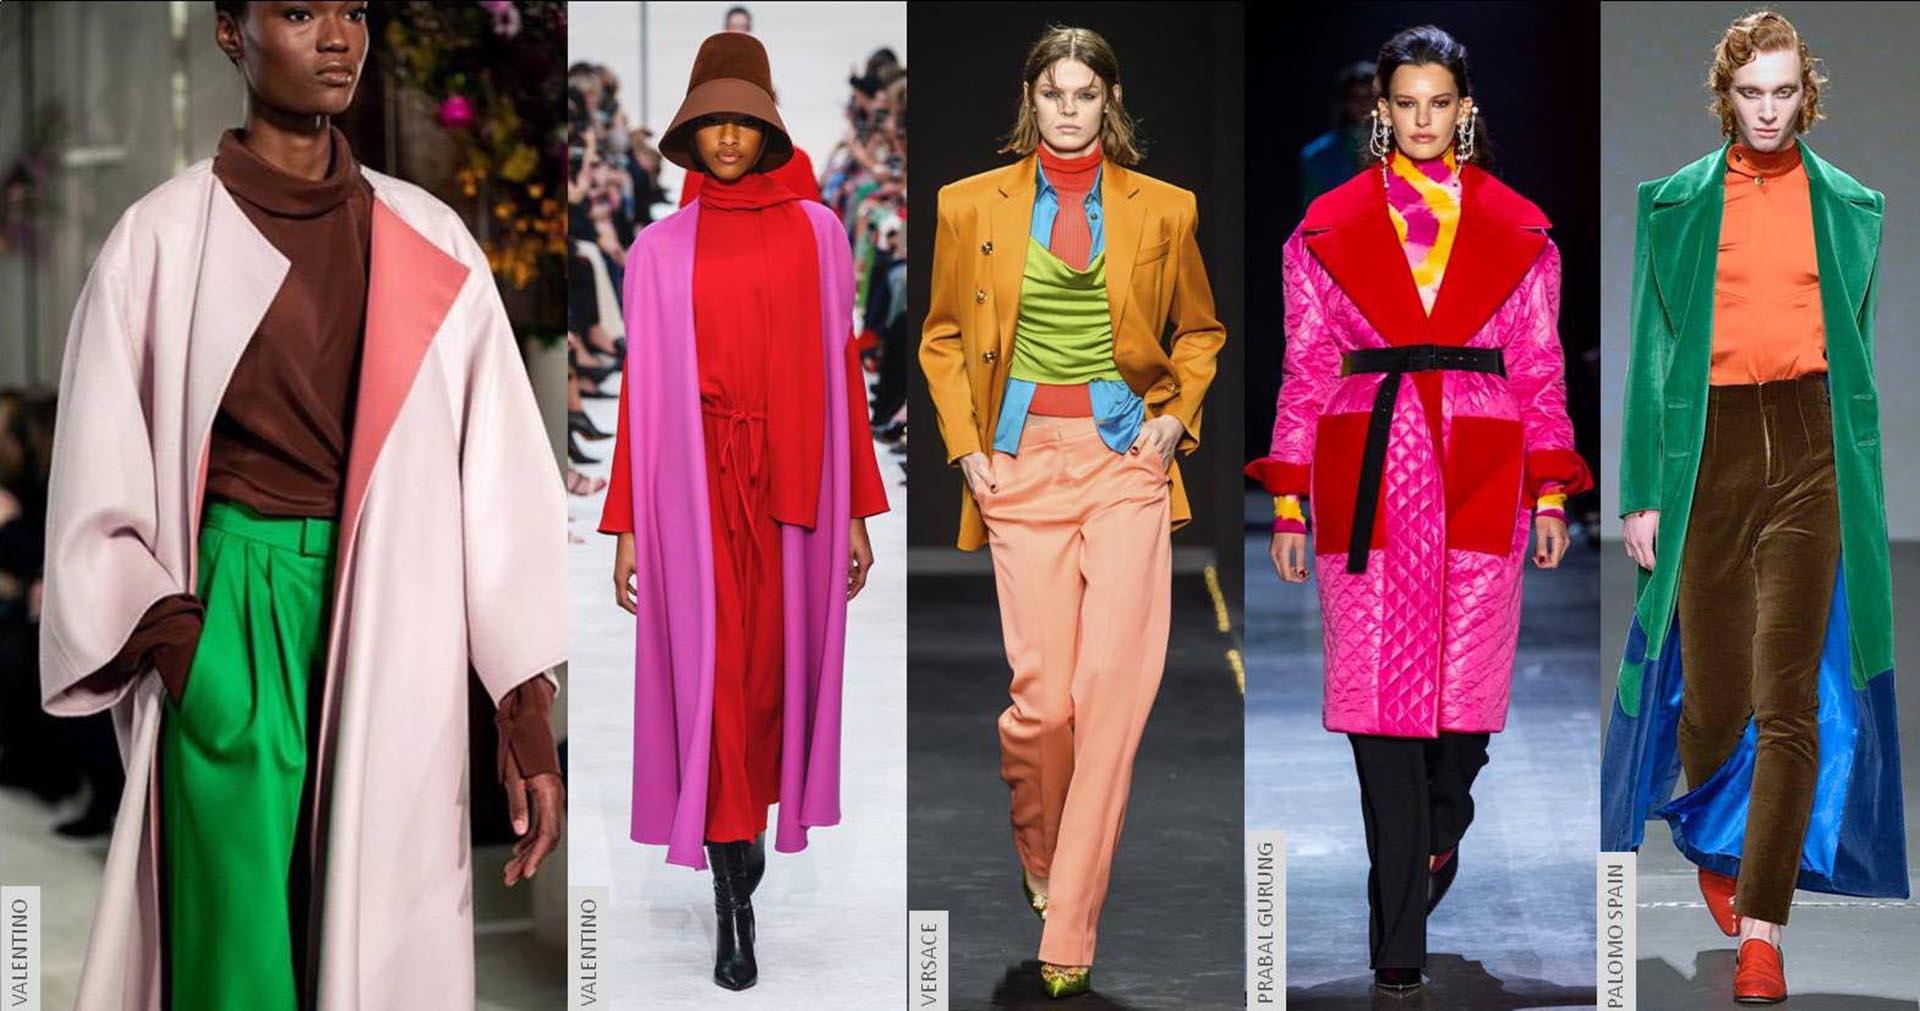 Las pasarelas de las fashion weeks mostraron combinaciones insólitas.